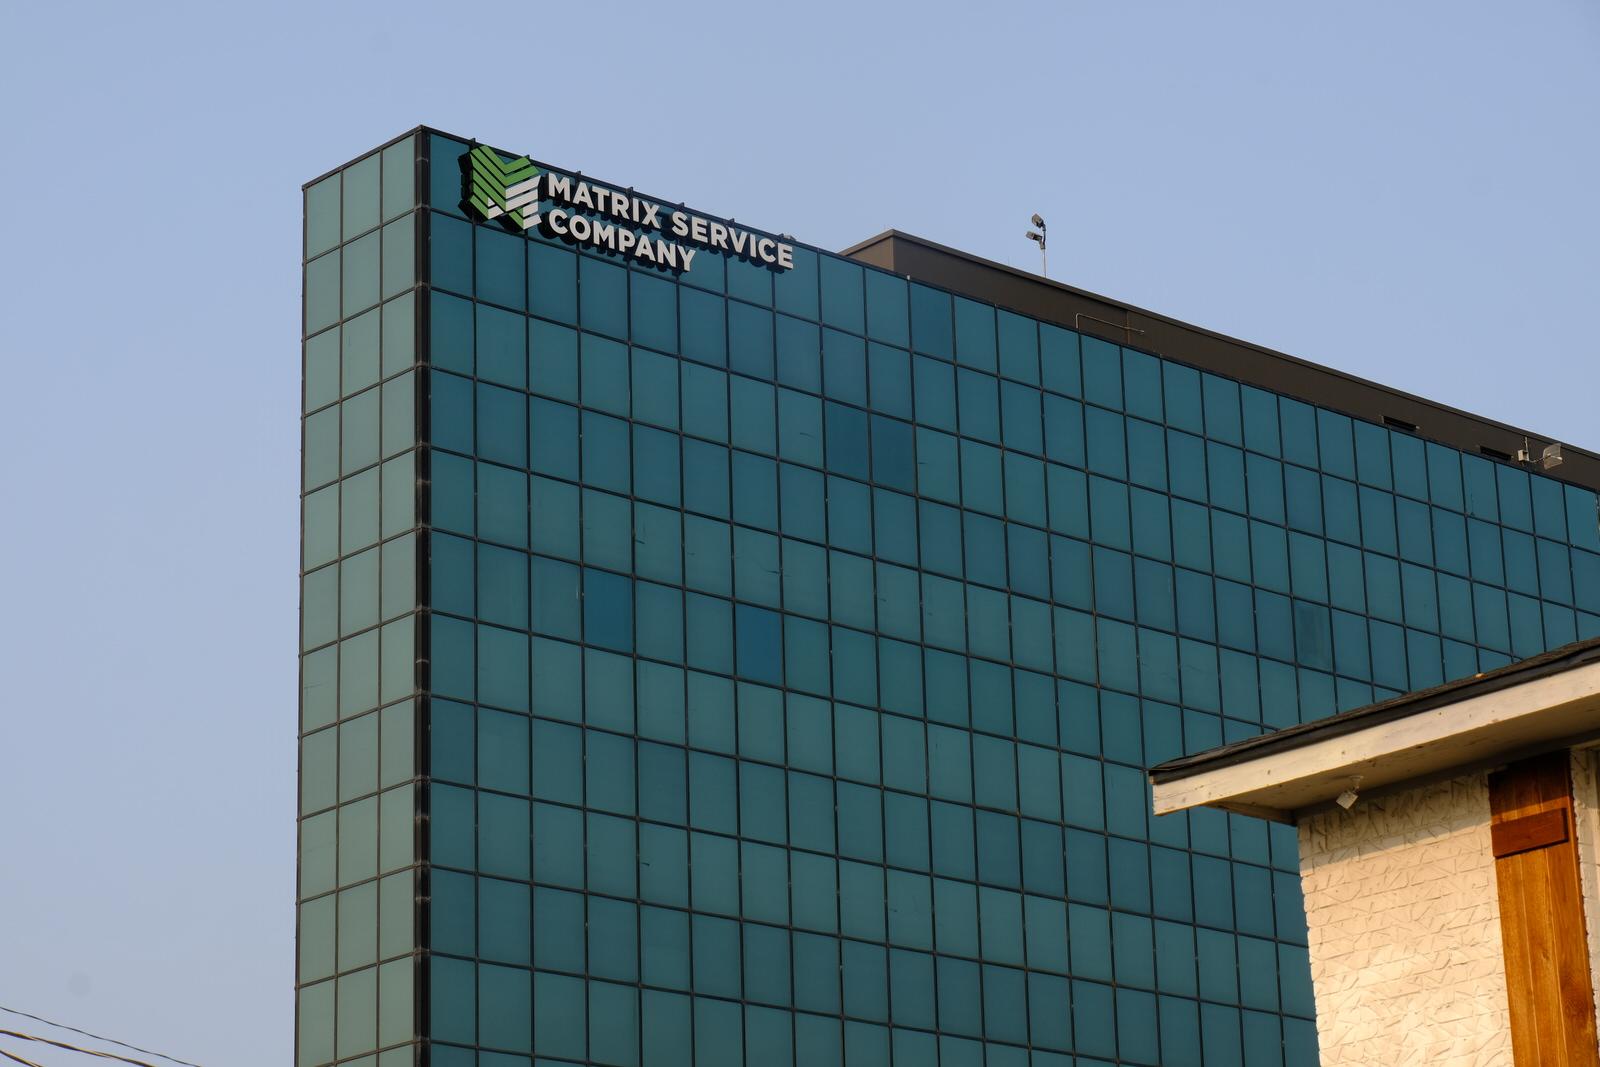 Matrix Service Co.'s corporate headquarters in Tulsa, Oklahoma.